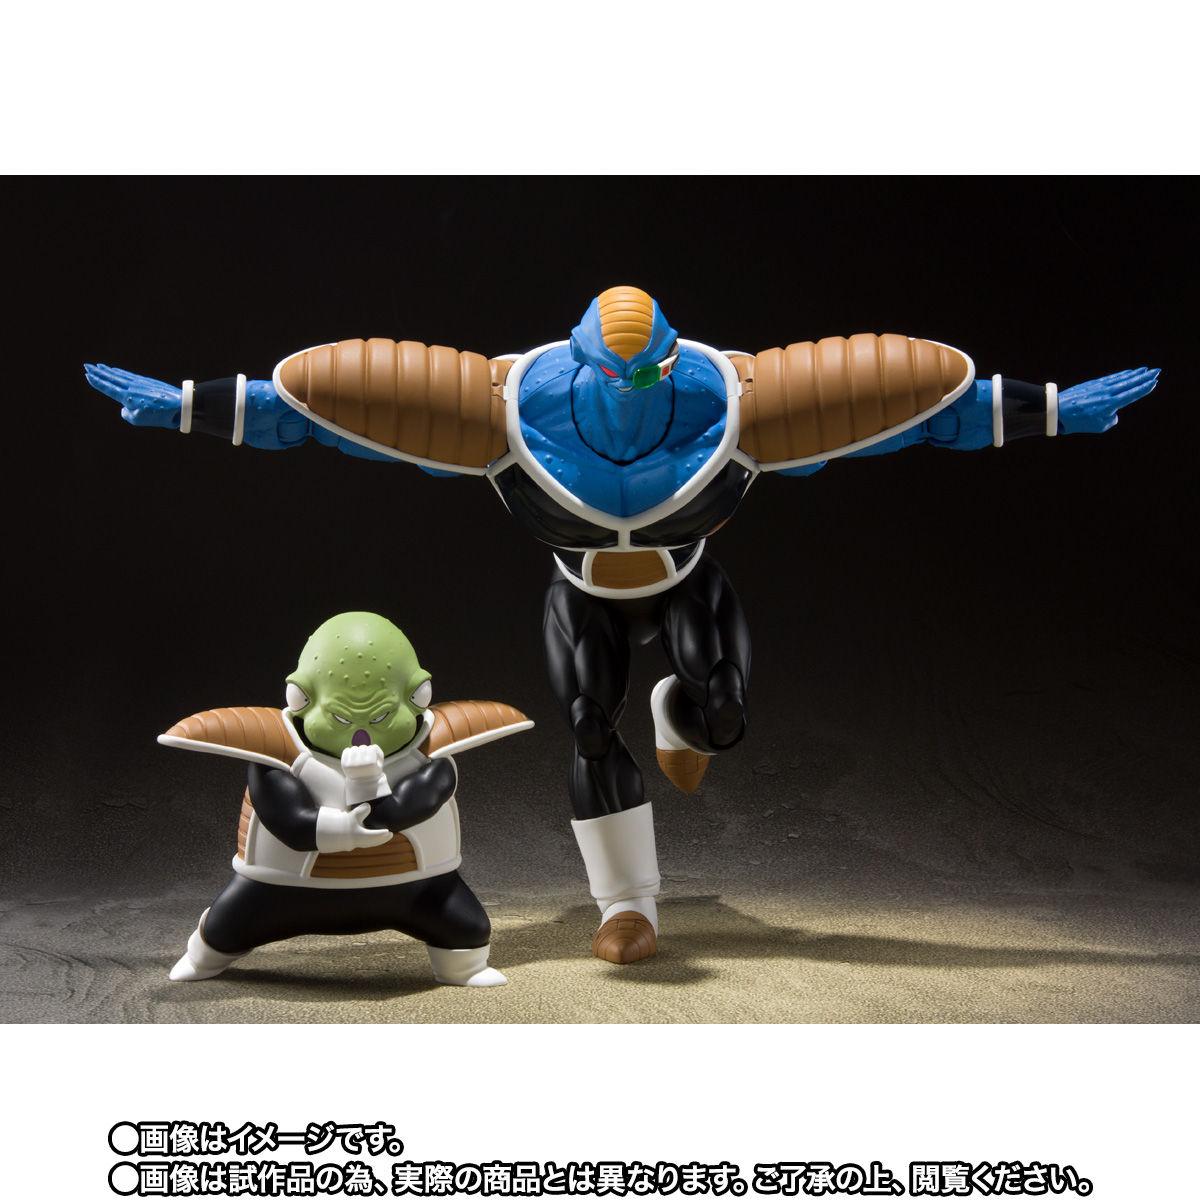 【限定販売】S.H.Figuarts『バータ&グルド』ドラゴンボールZ 可動フィギュア-003